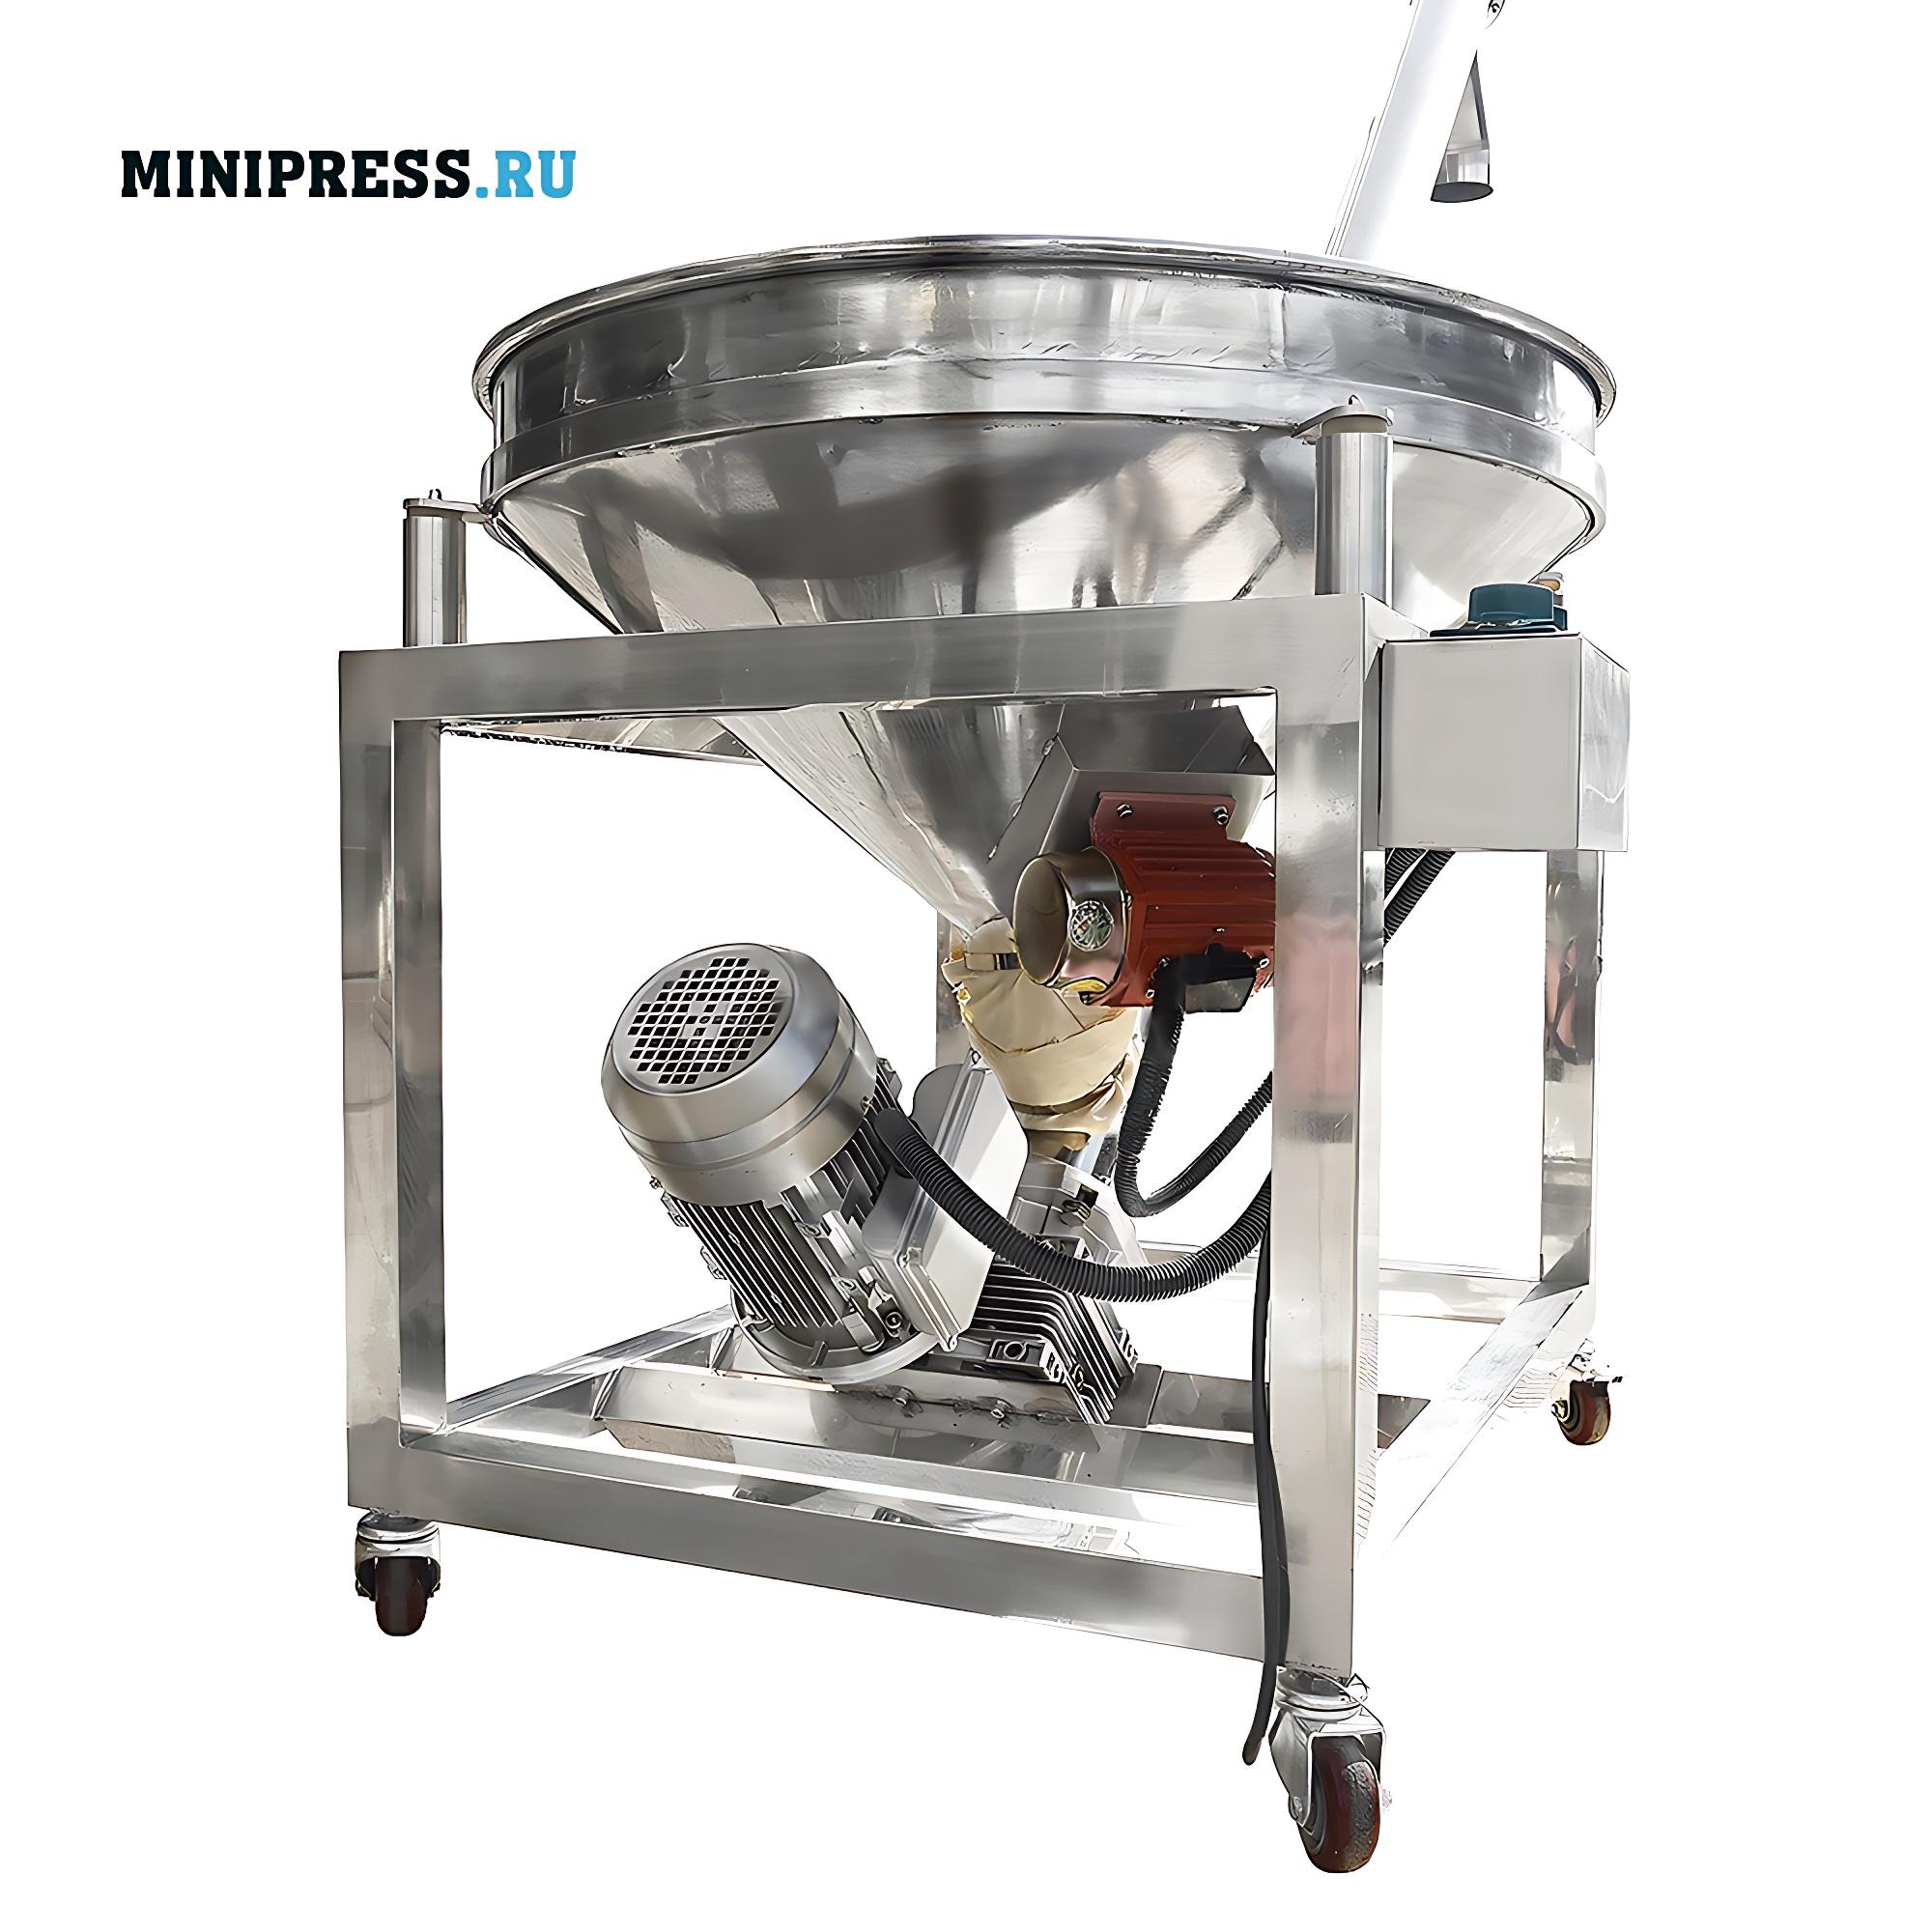 Оборудование для подачи порошков и сыпучих материалов